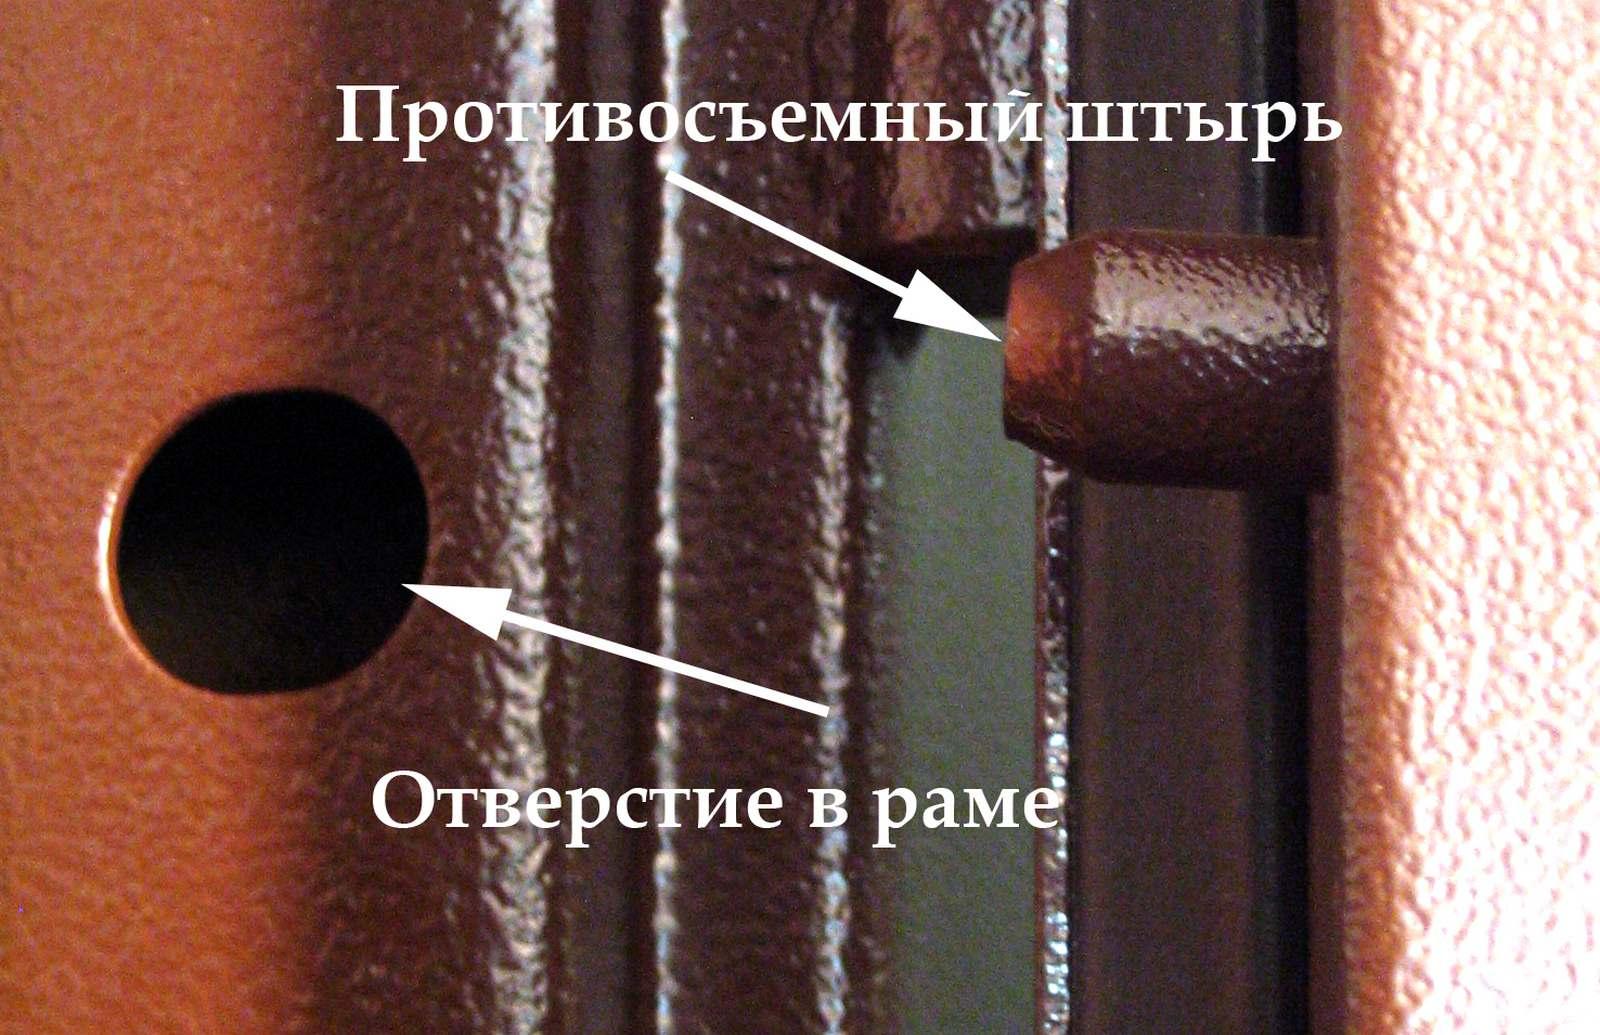 Противосъемный штырь двери